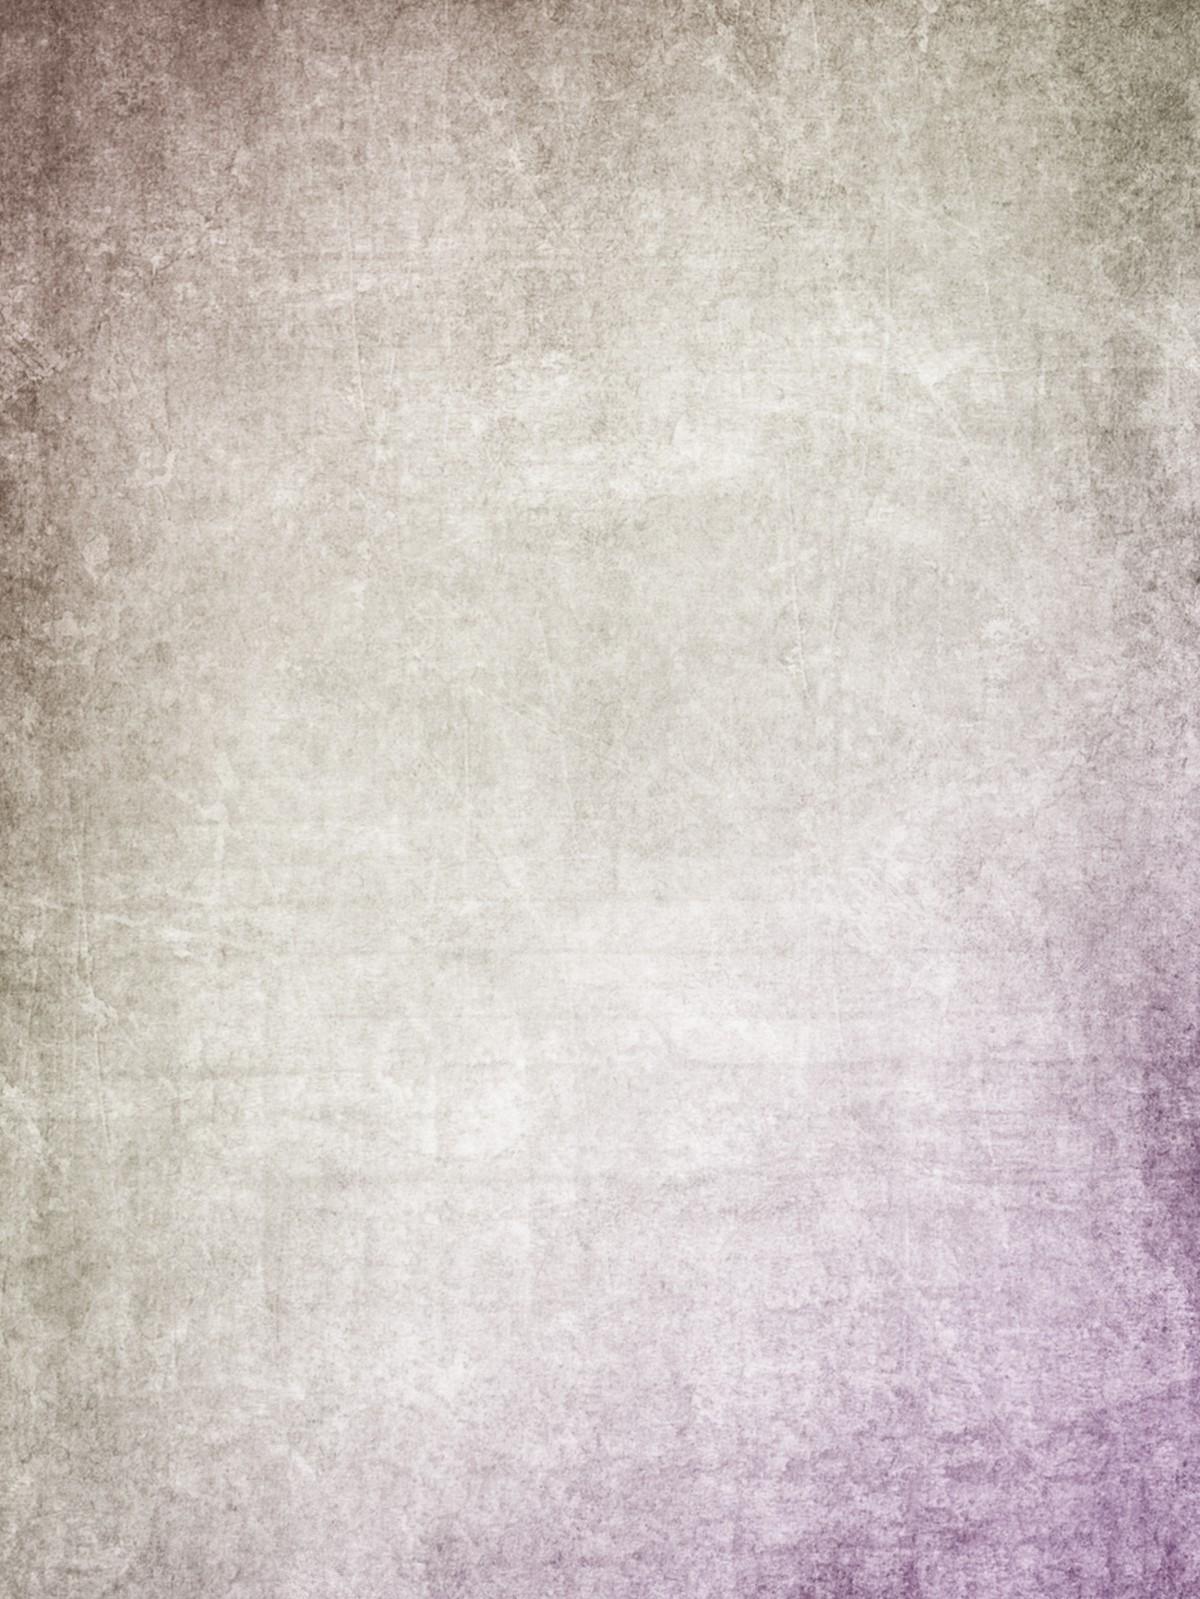 Fotos gratis : textura, papel, fondo, diseño, Manchas, acuarela, arte digital, fotografía ...